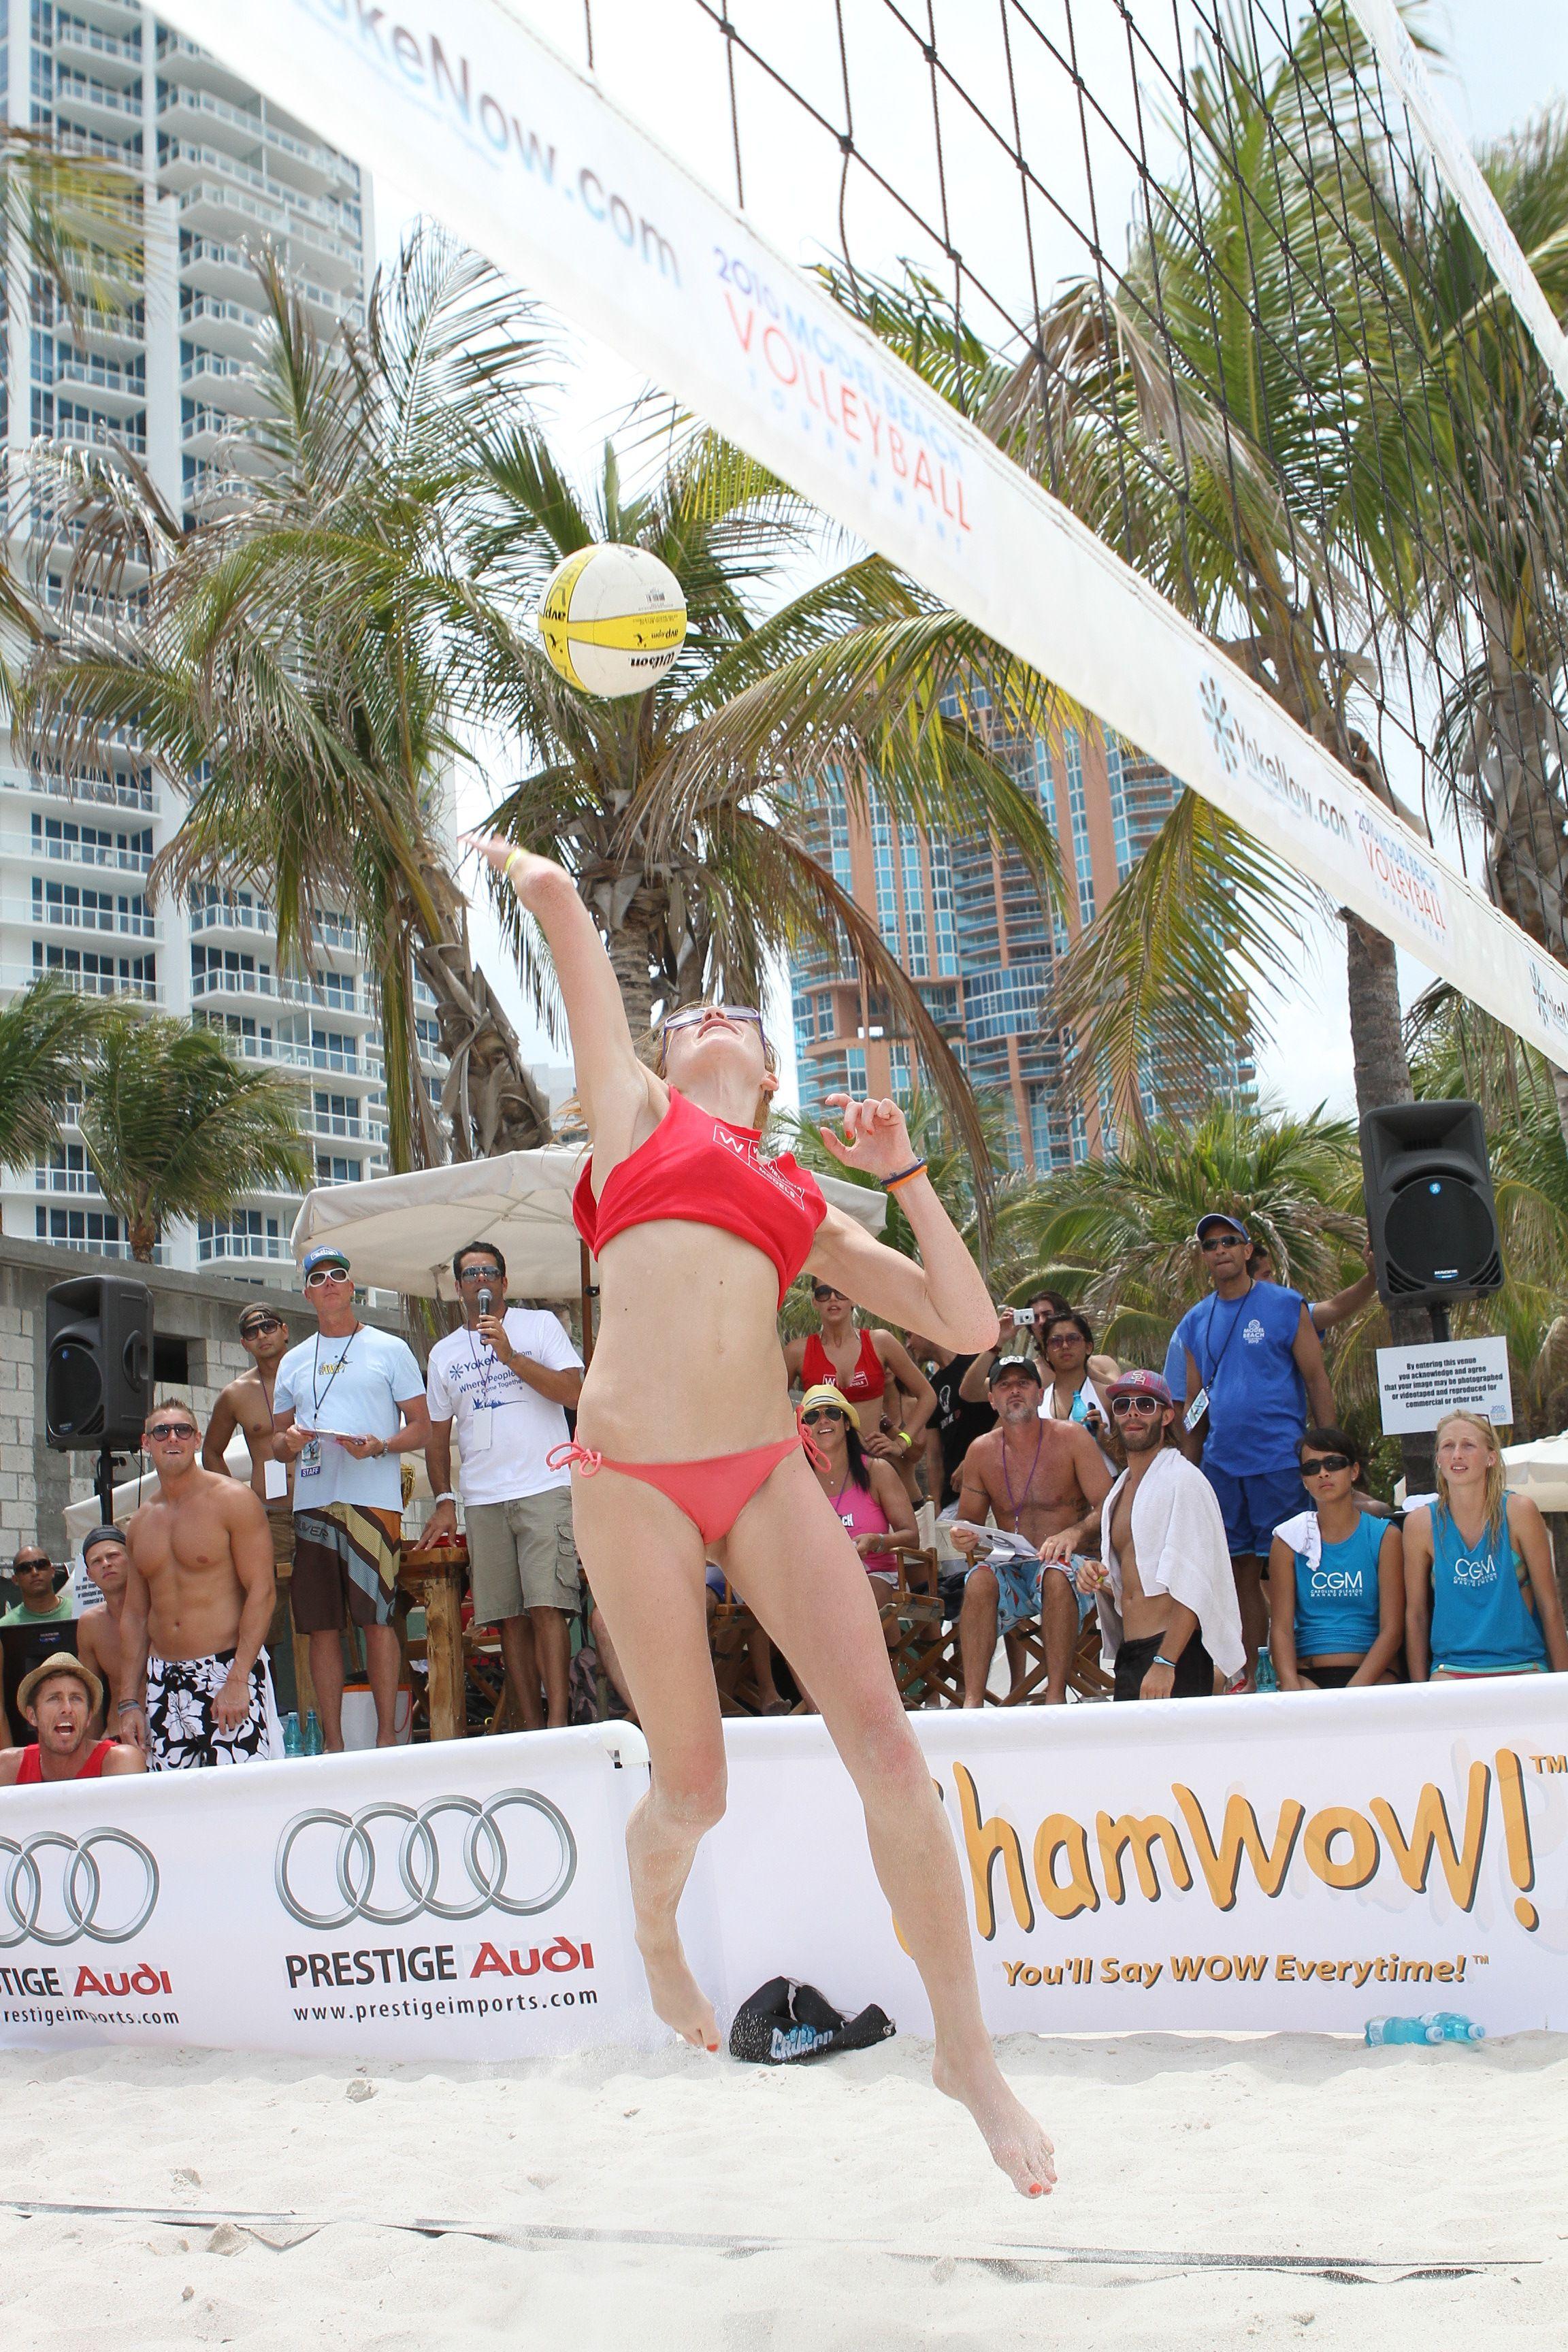 Model Beach Volleyball Miami South Beach Beach Volleyball South Beach Miami South Beach